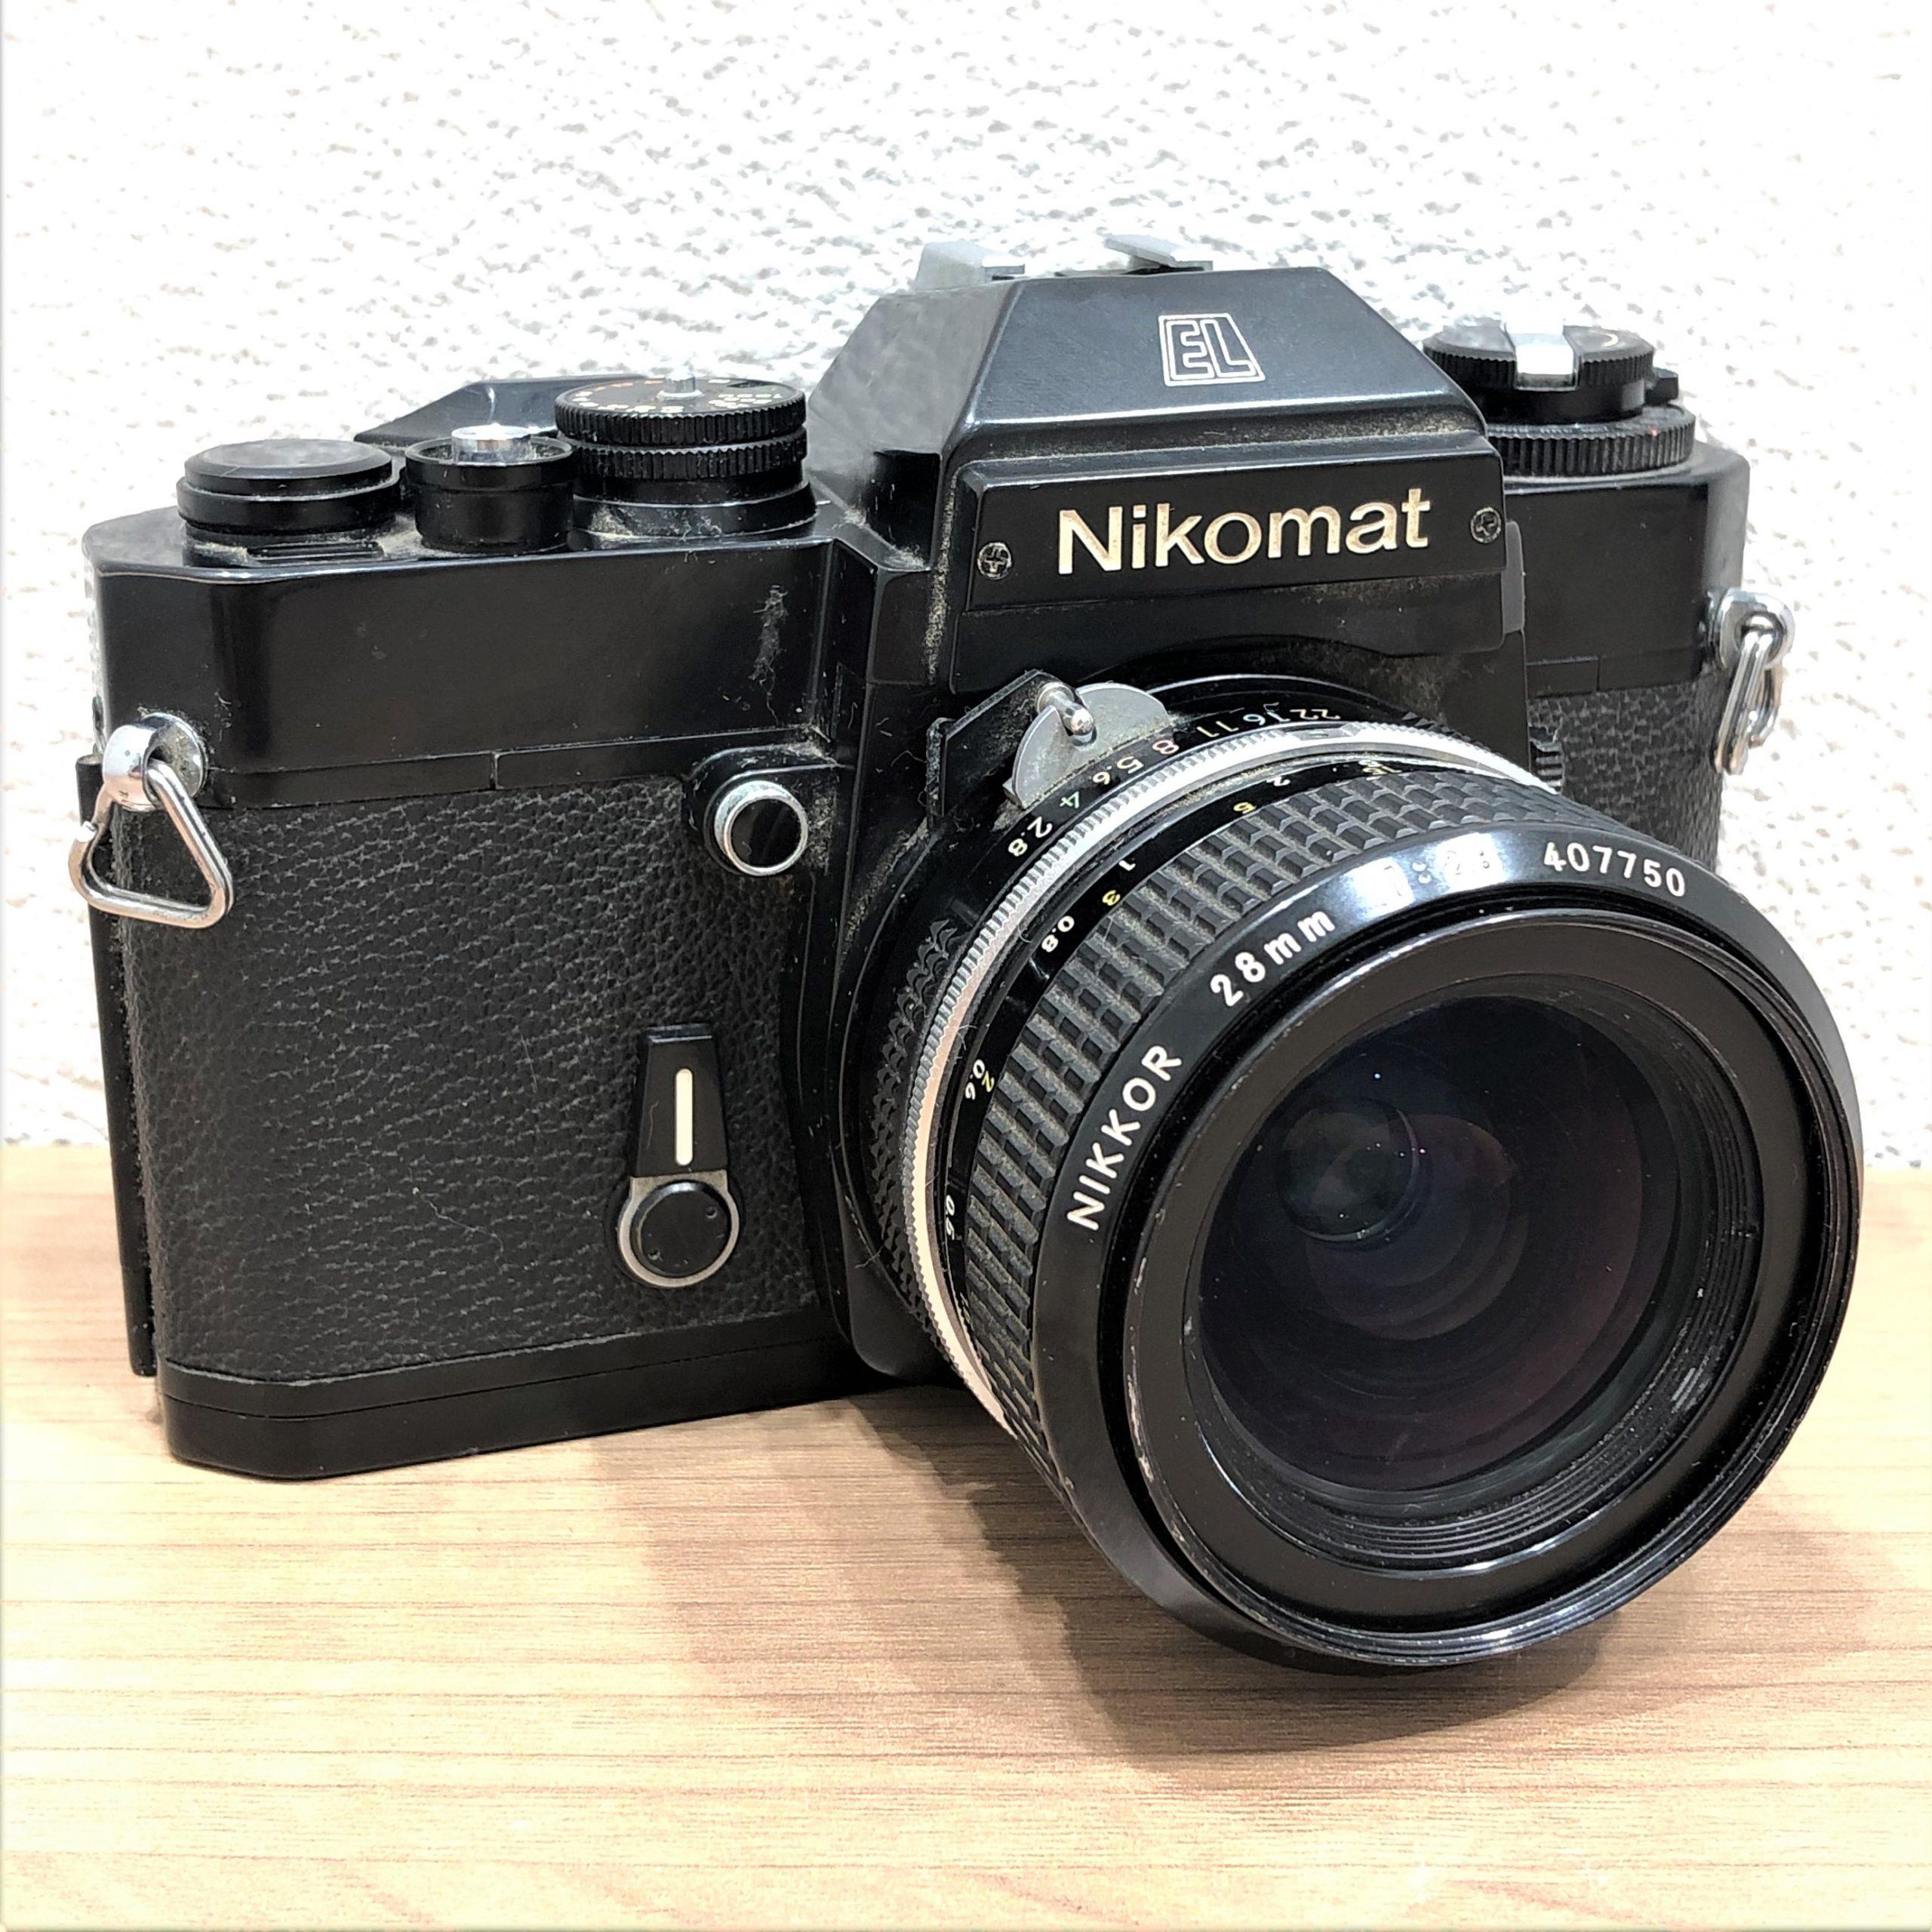 【Nikomat/ニコマート】EL 28mm 2.8 一眼レフフィルムカメラ